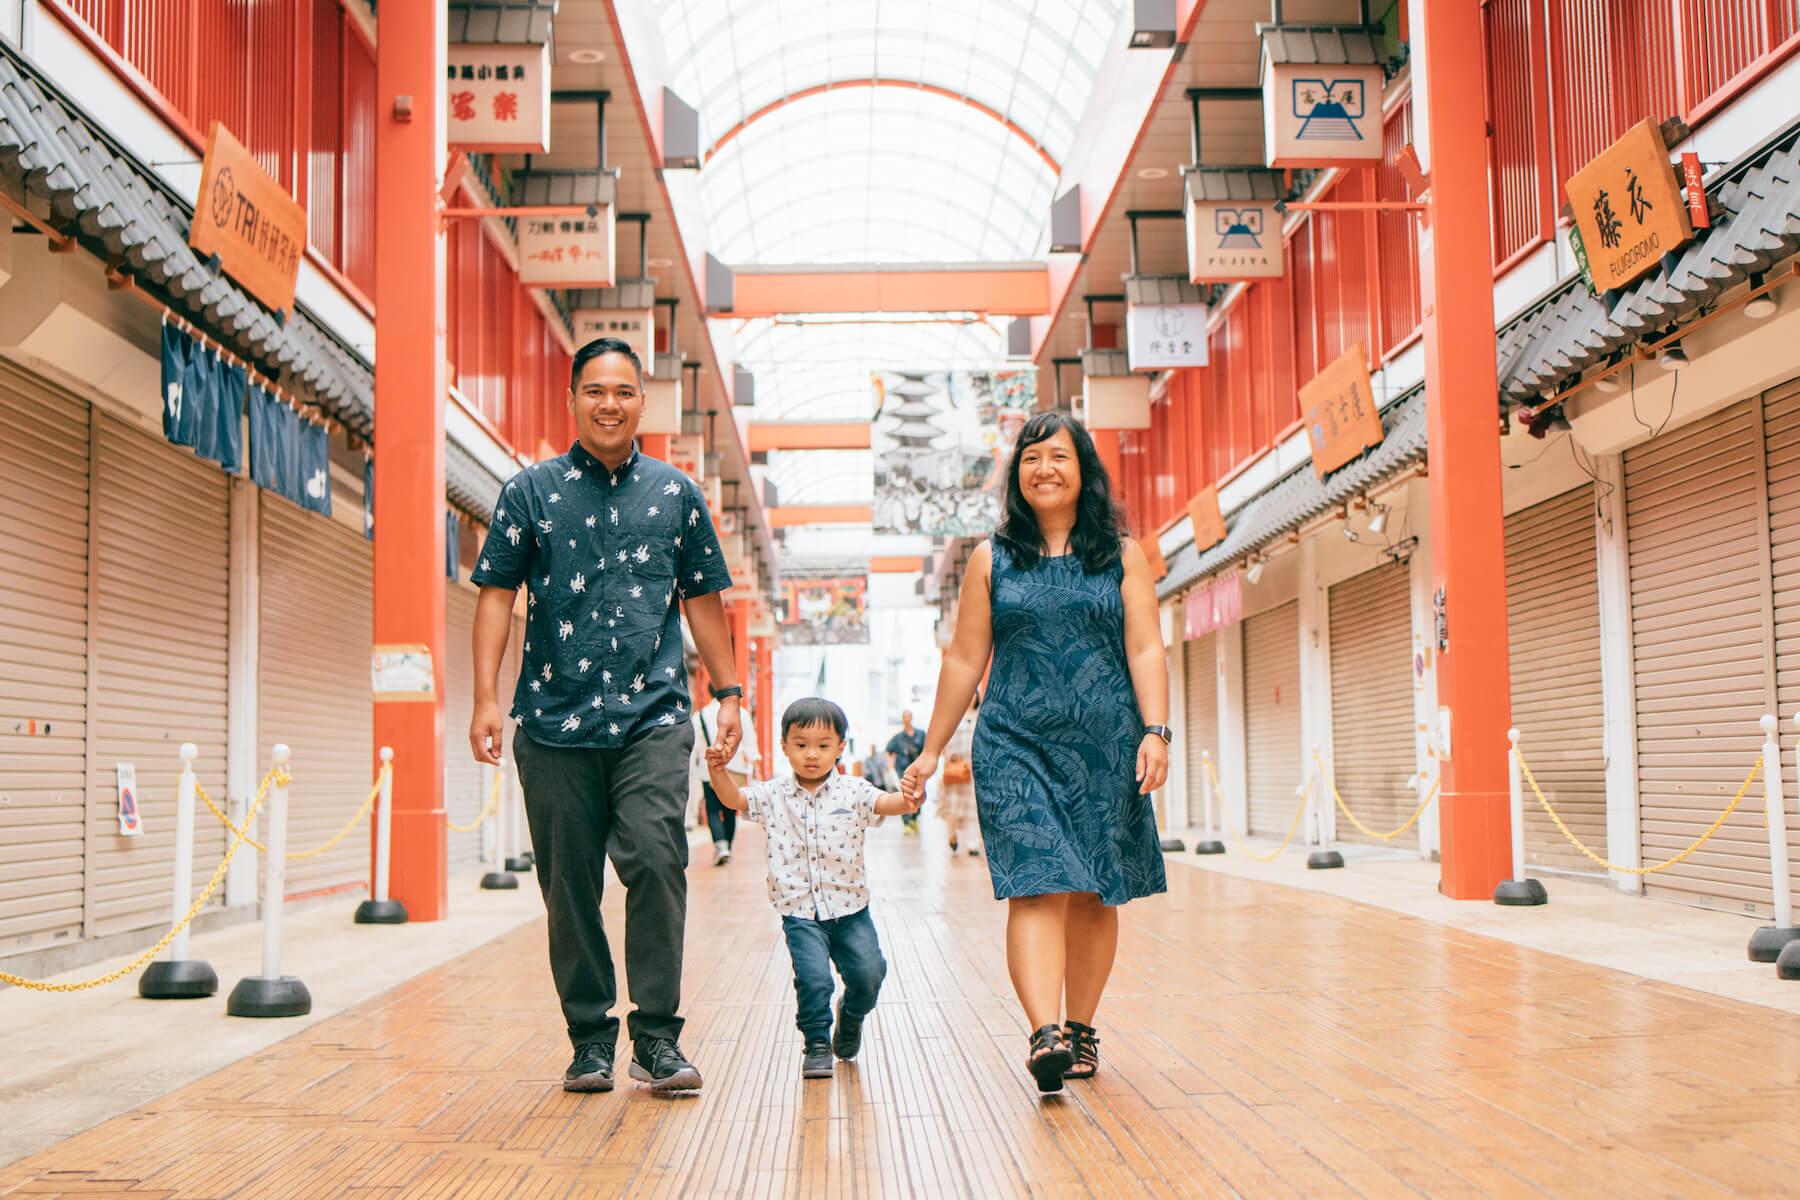 tokyo-07-07-2019-family-trip-6_original